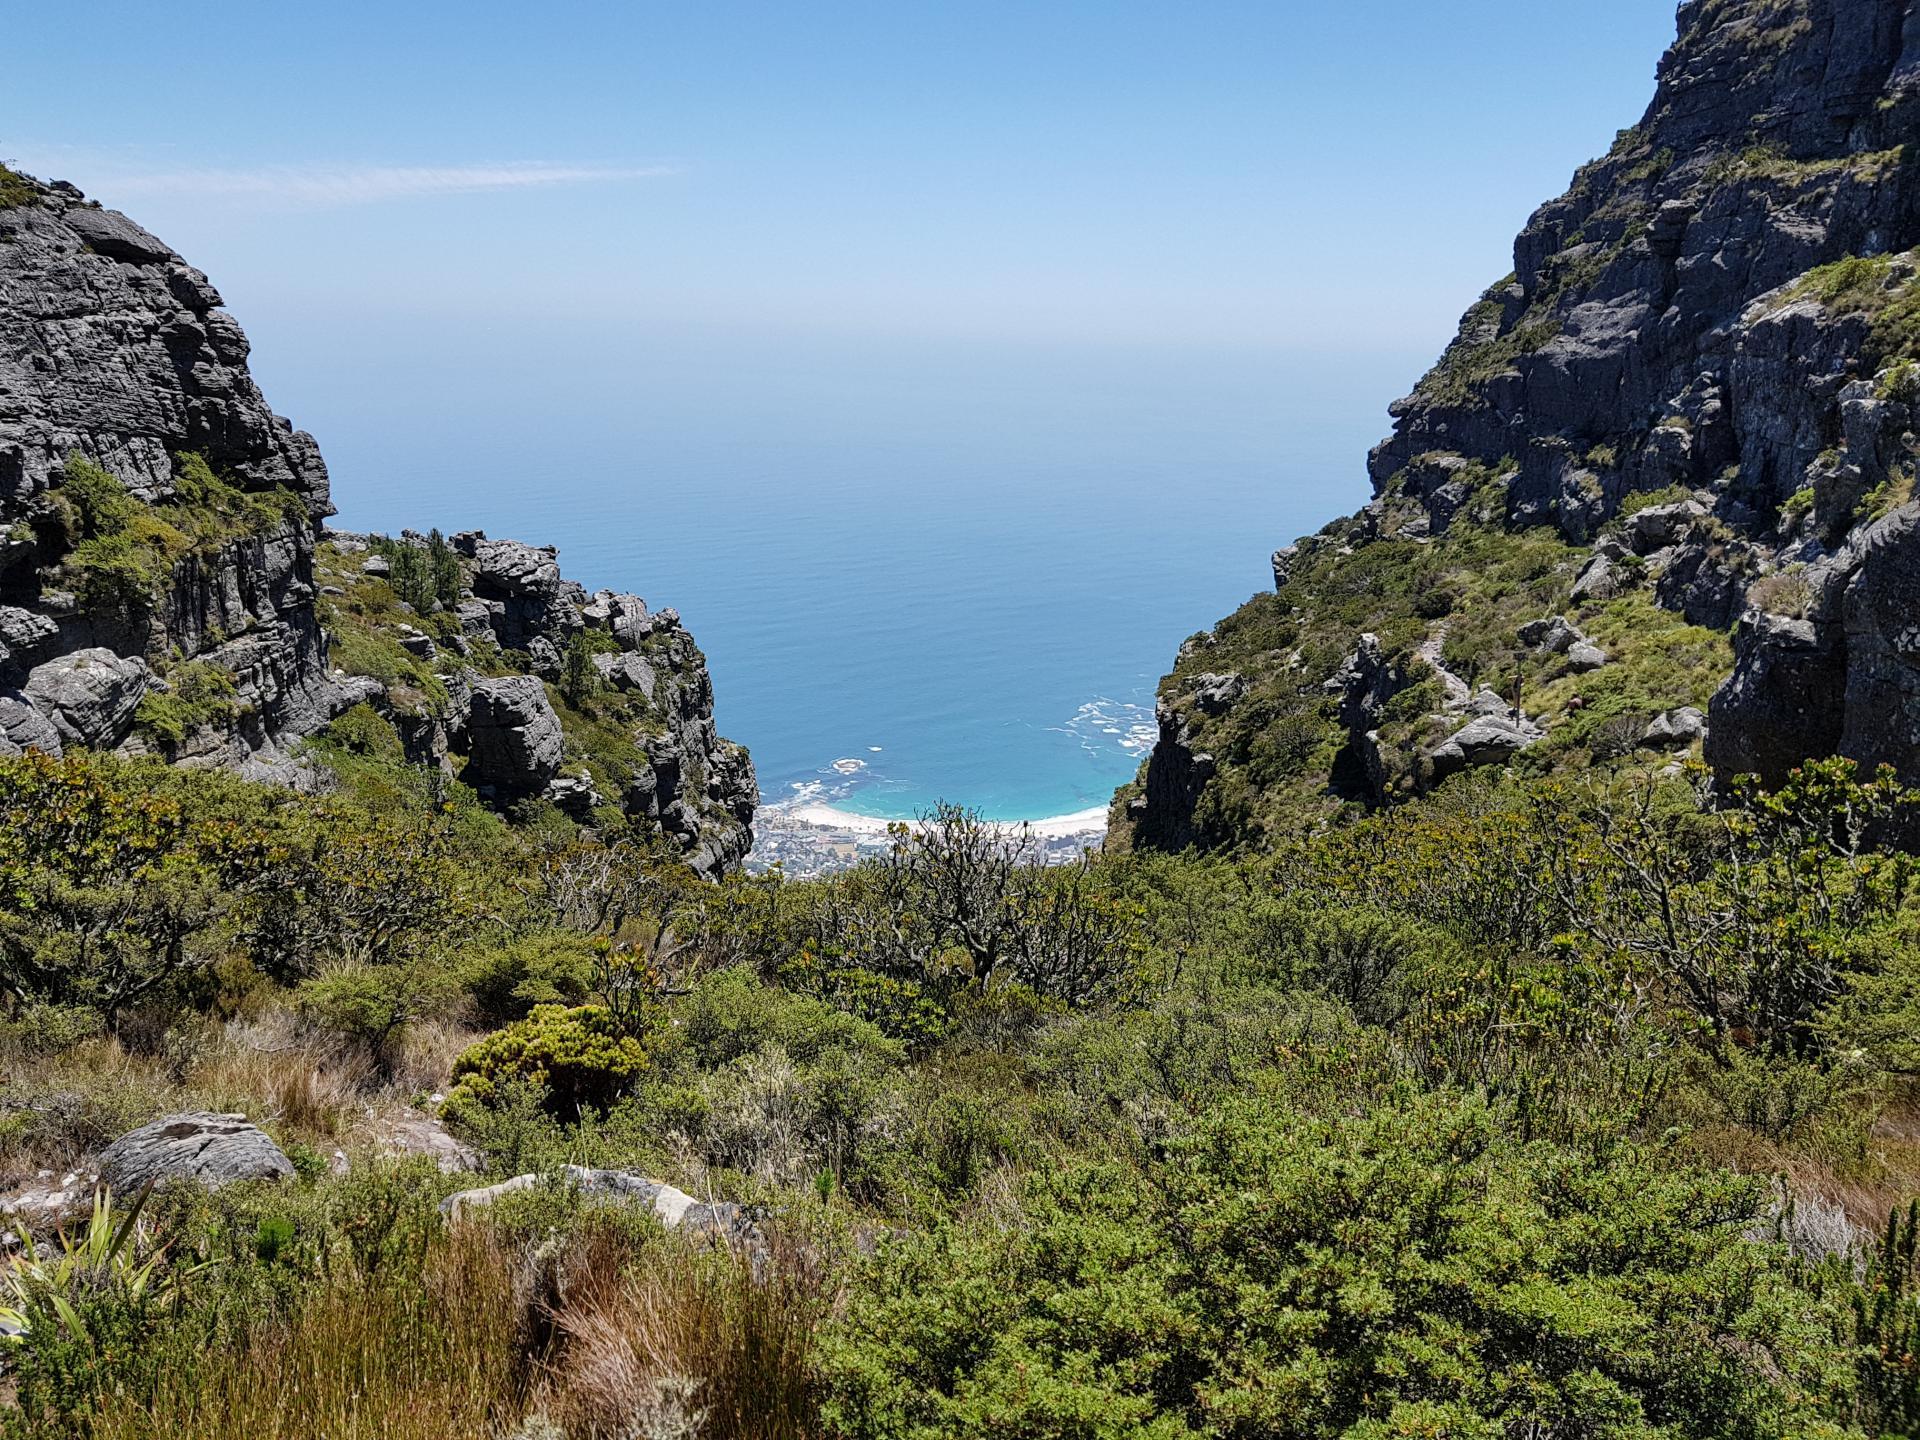 вид на океан и пригород Кейптауна со Столовой горы